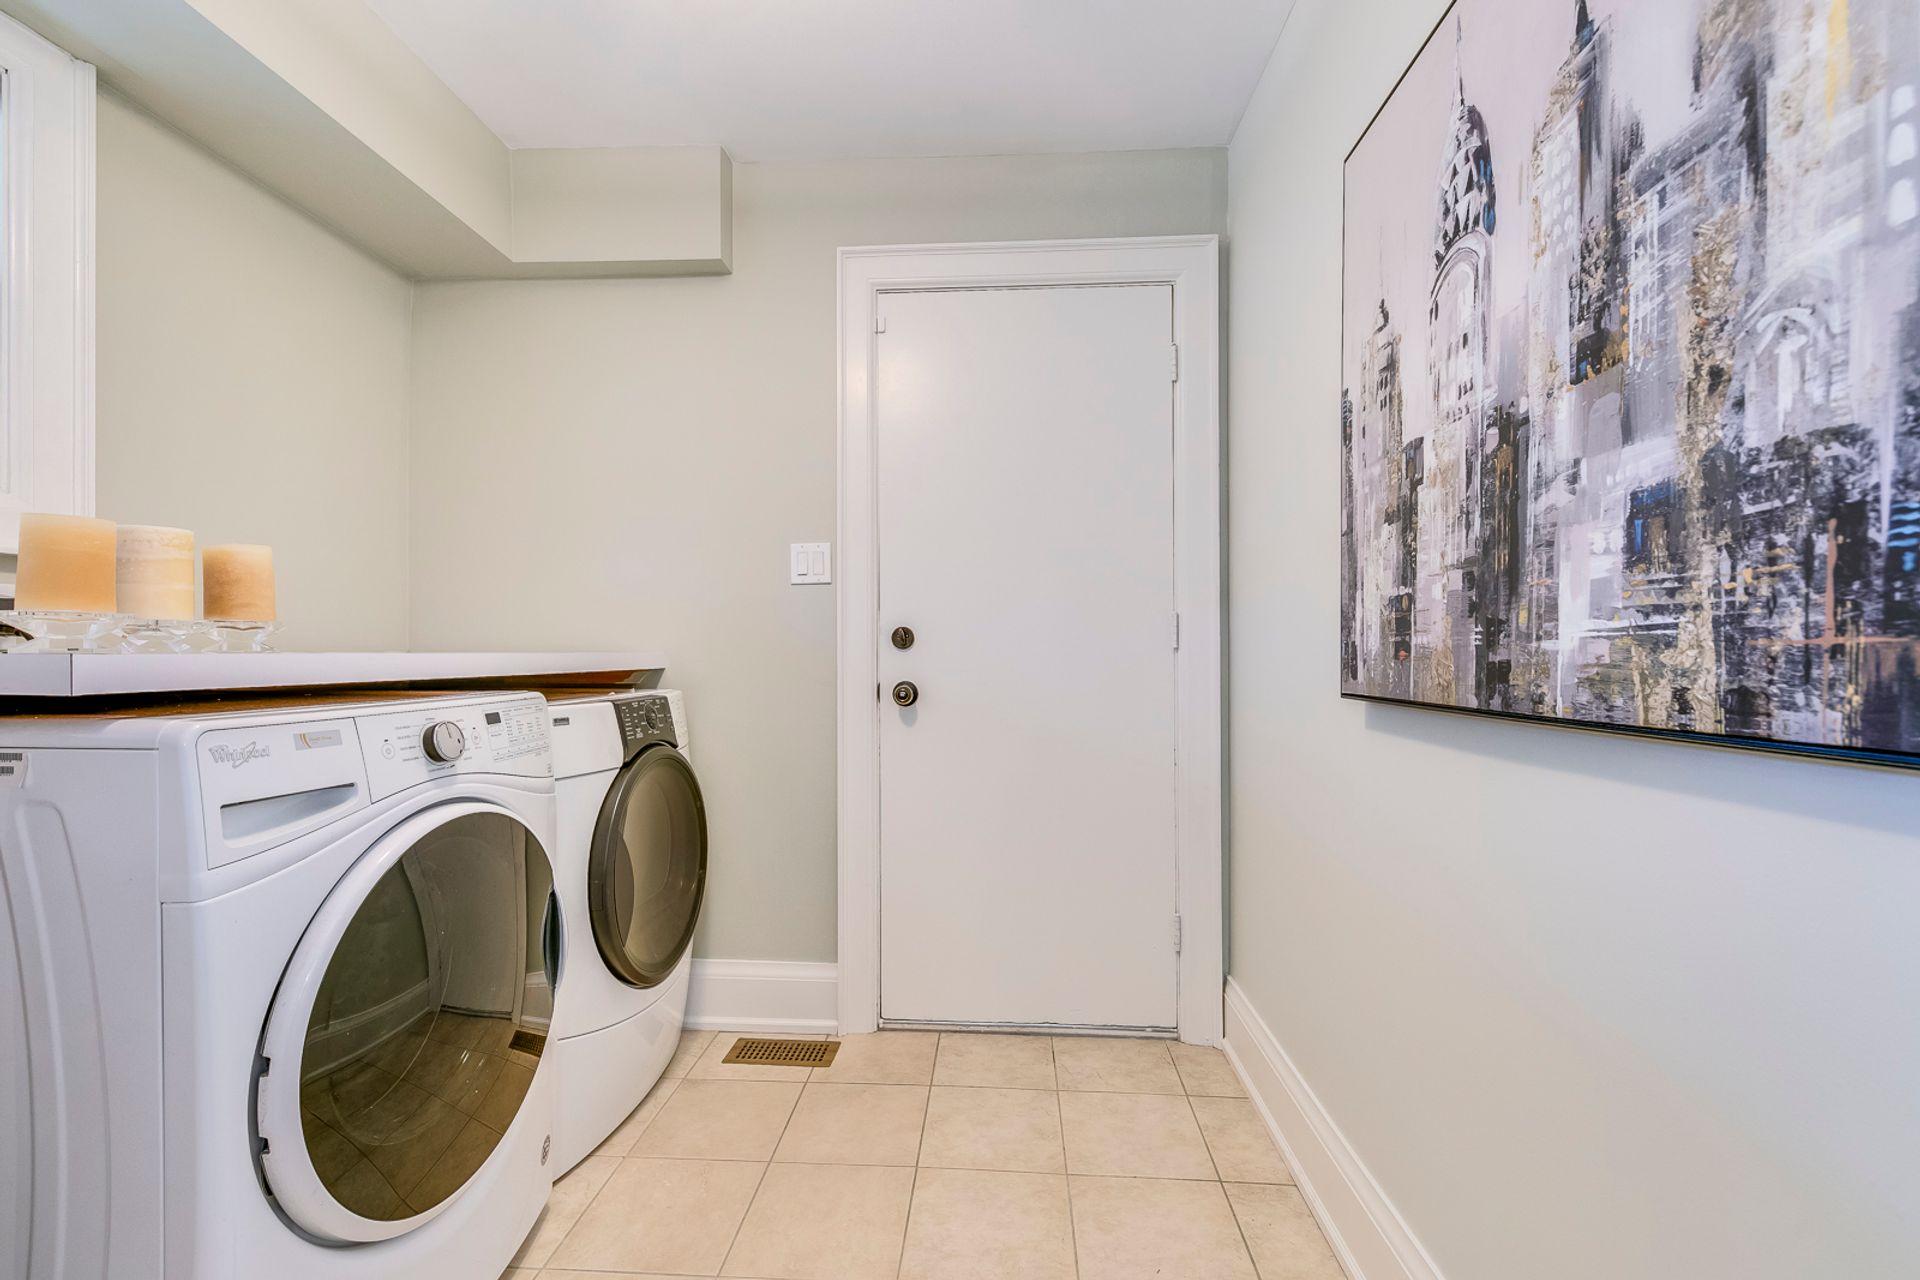 Laundry Room - 2275 Daffodil Court, Oakville - Elite3 & Team at 2275 Daffodil Court, Eastlake, Oakville